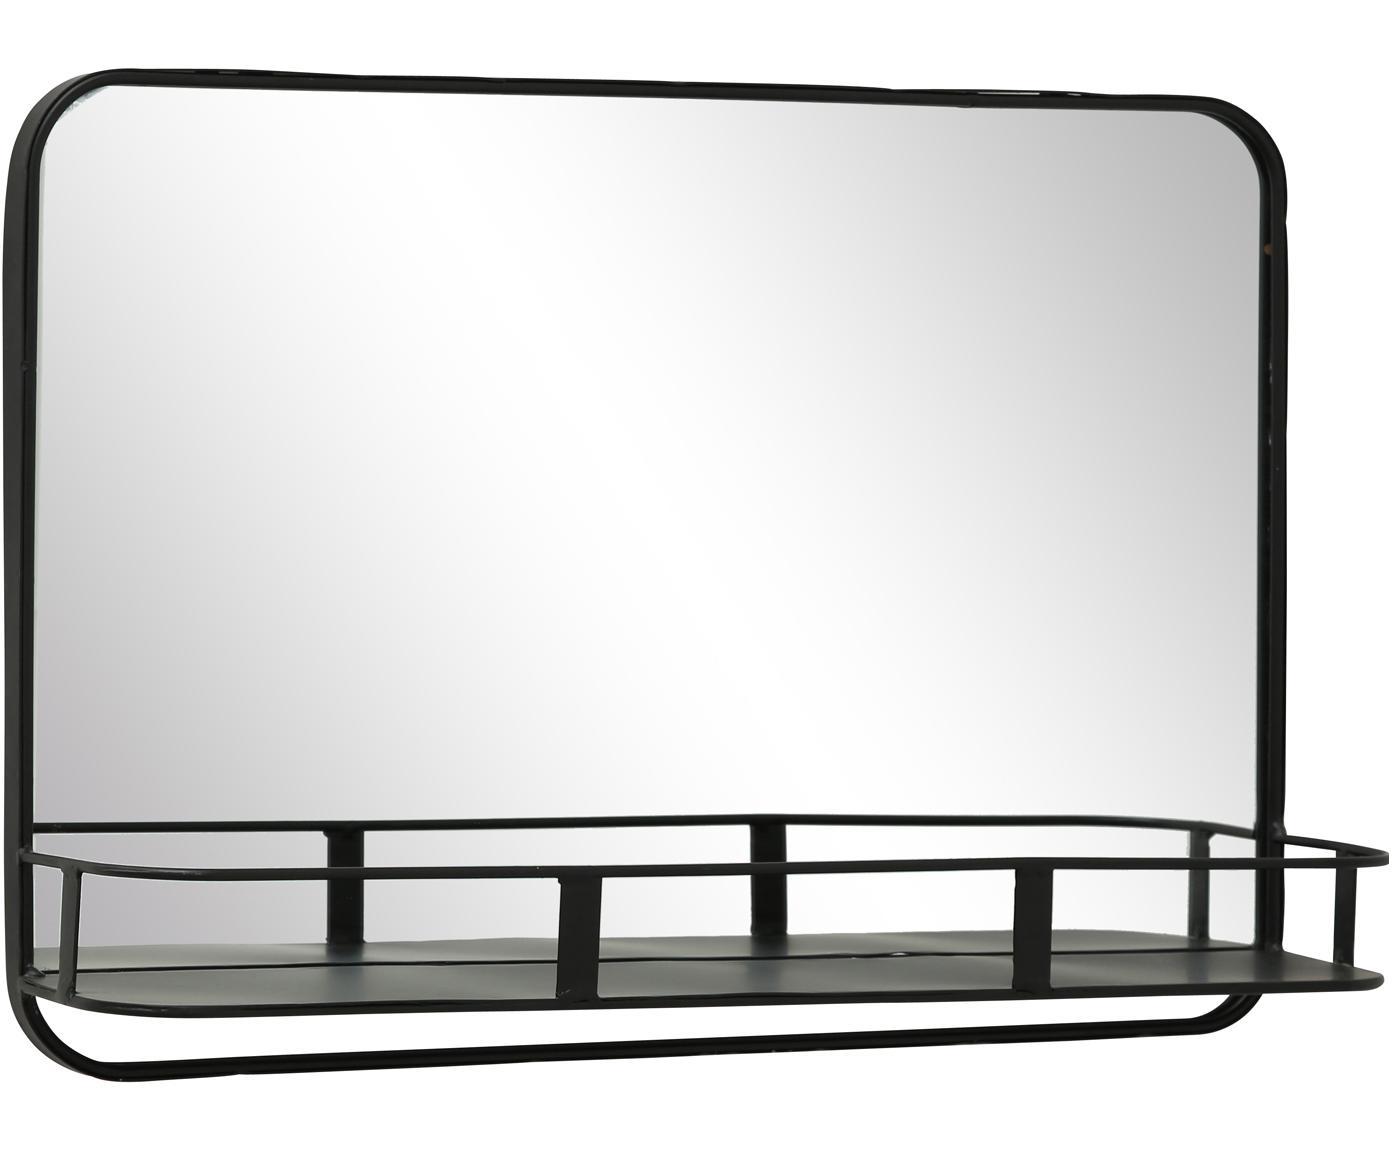 Rechthoekige wandspiegel Meno met metalen lijst, Lijst: gecoat metaal, Zwart, 50 x 35 cm